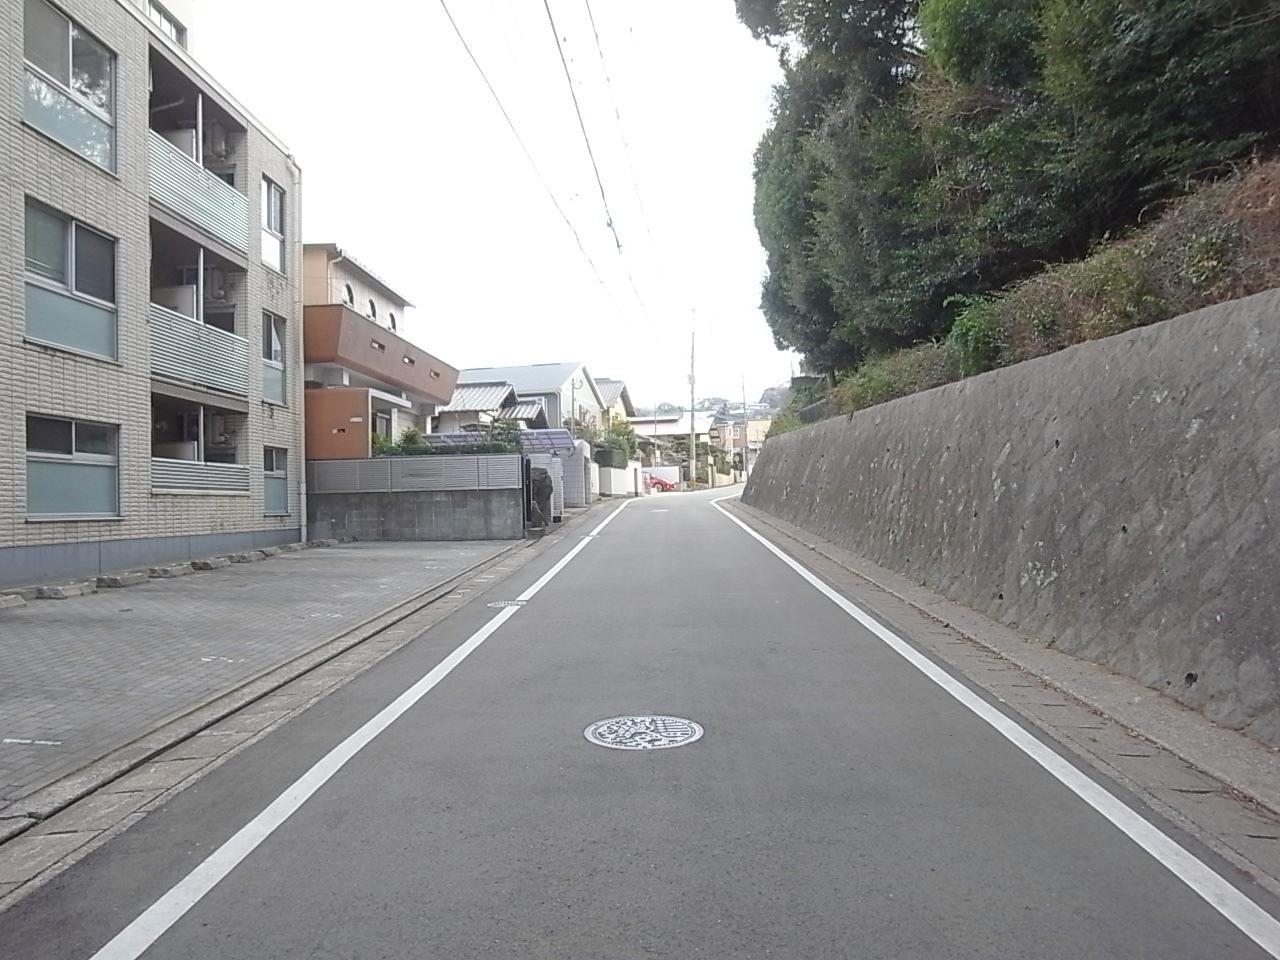 左手前が当物件。道路の勾配も緩やかです。